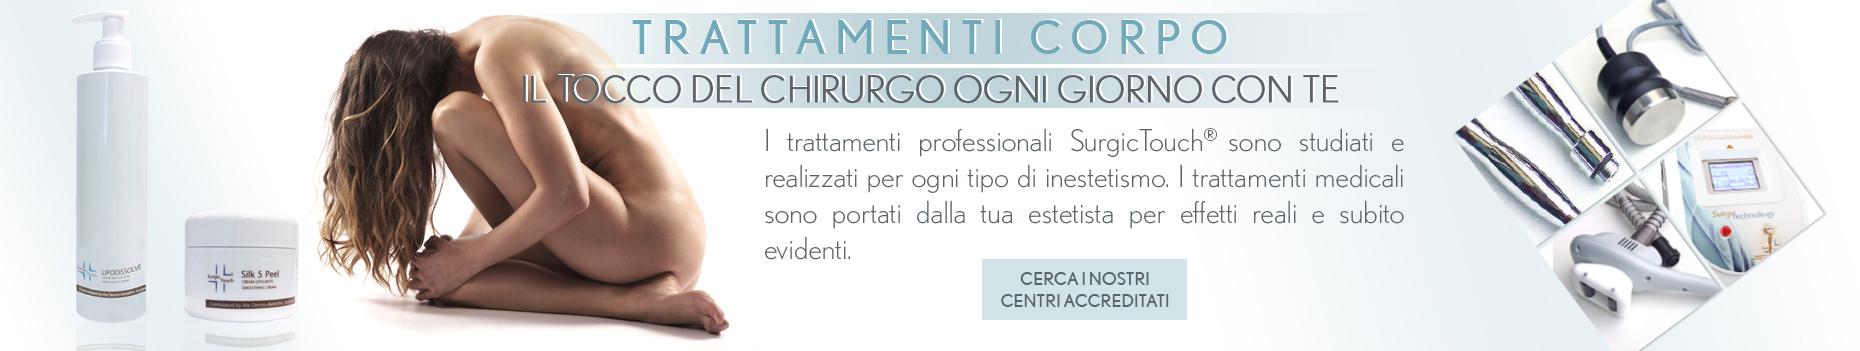 trattamenti cosmetici per il corpo medicina estetica